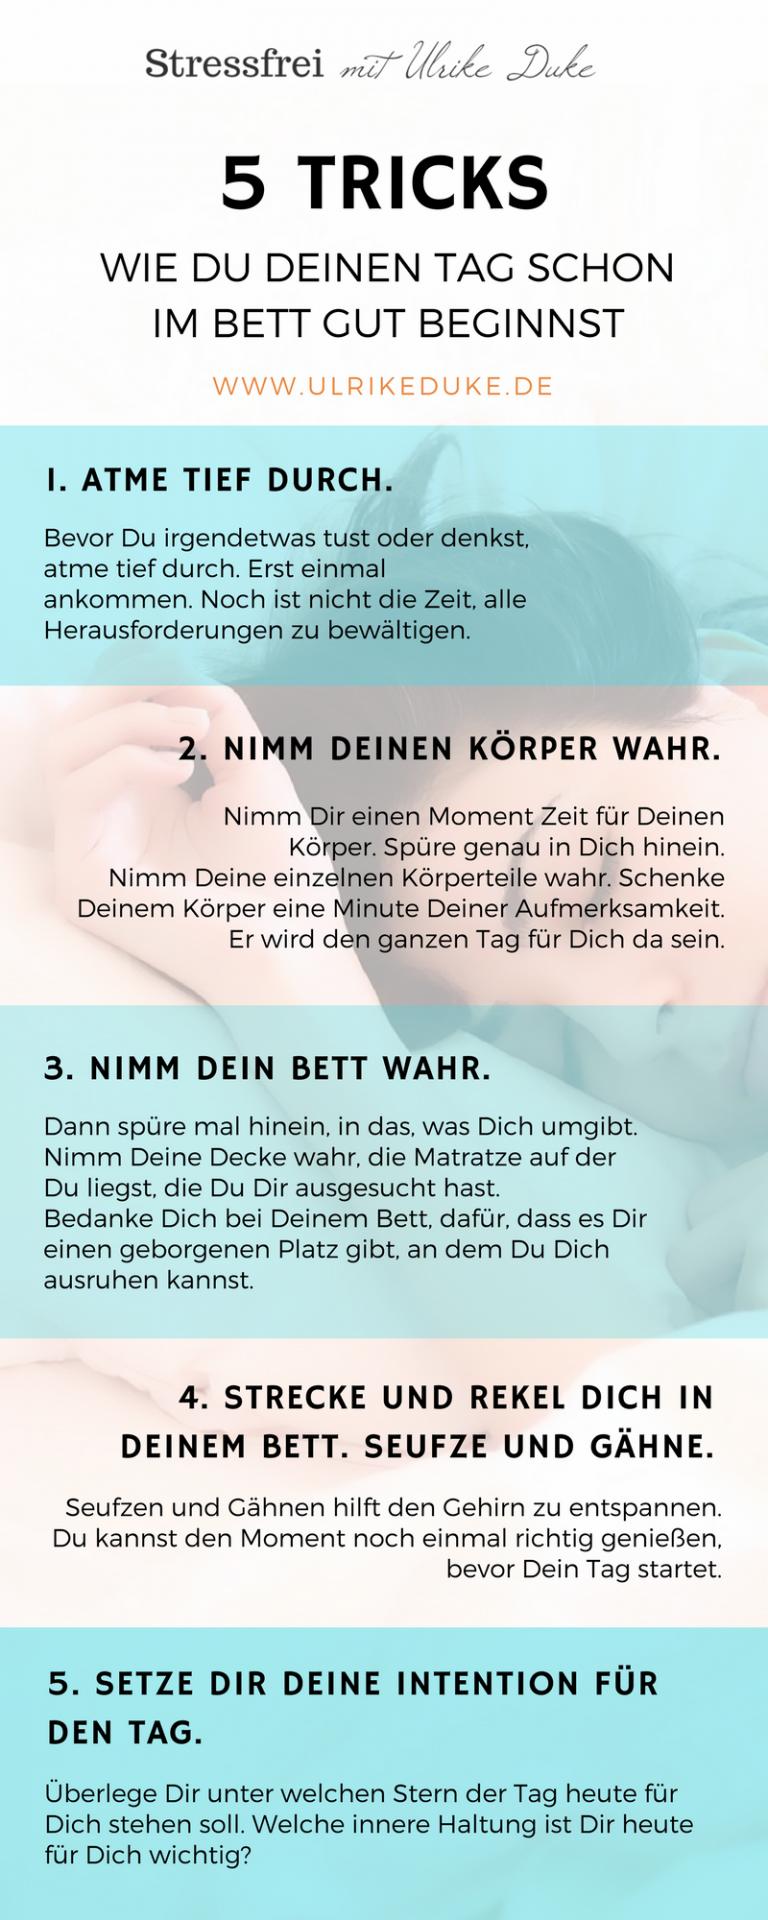 Diplom-Psychologin-Psychologe-74821-Mosbach-aufstehen-Bewegung-Morgenroutine-Morgenritual-einen-guten-Start-in-die-Woche-schönen-Start-in-die-Tag-B-3